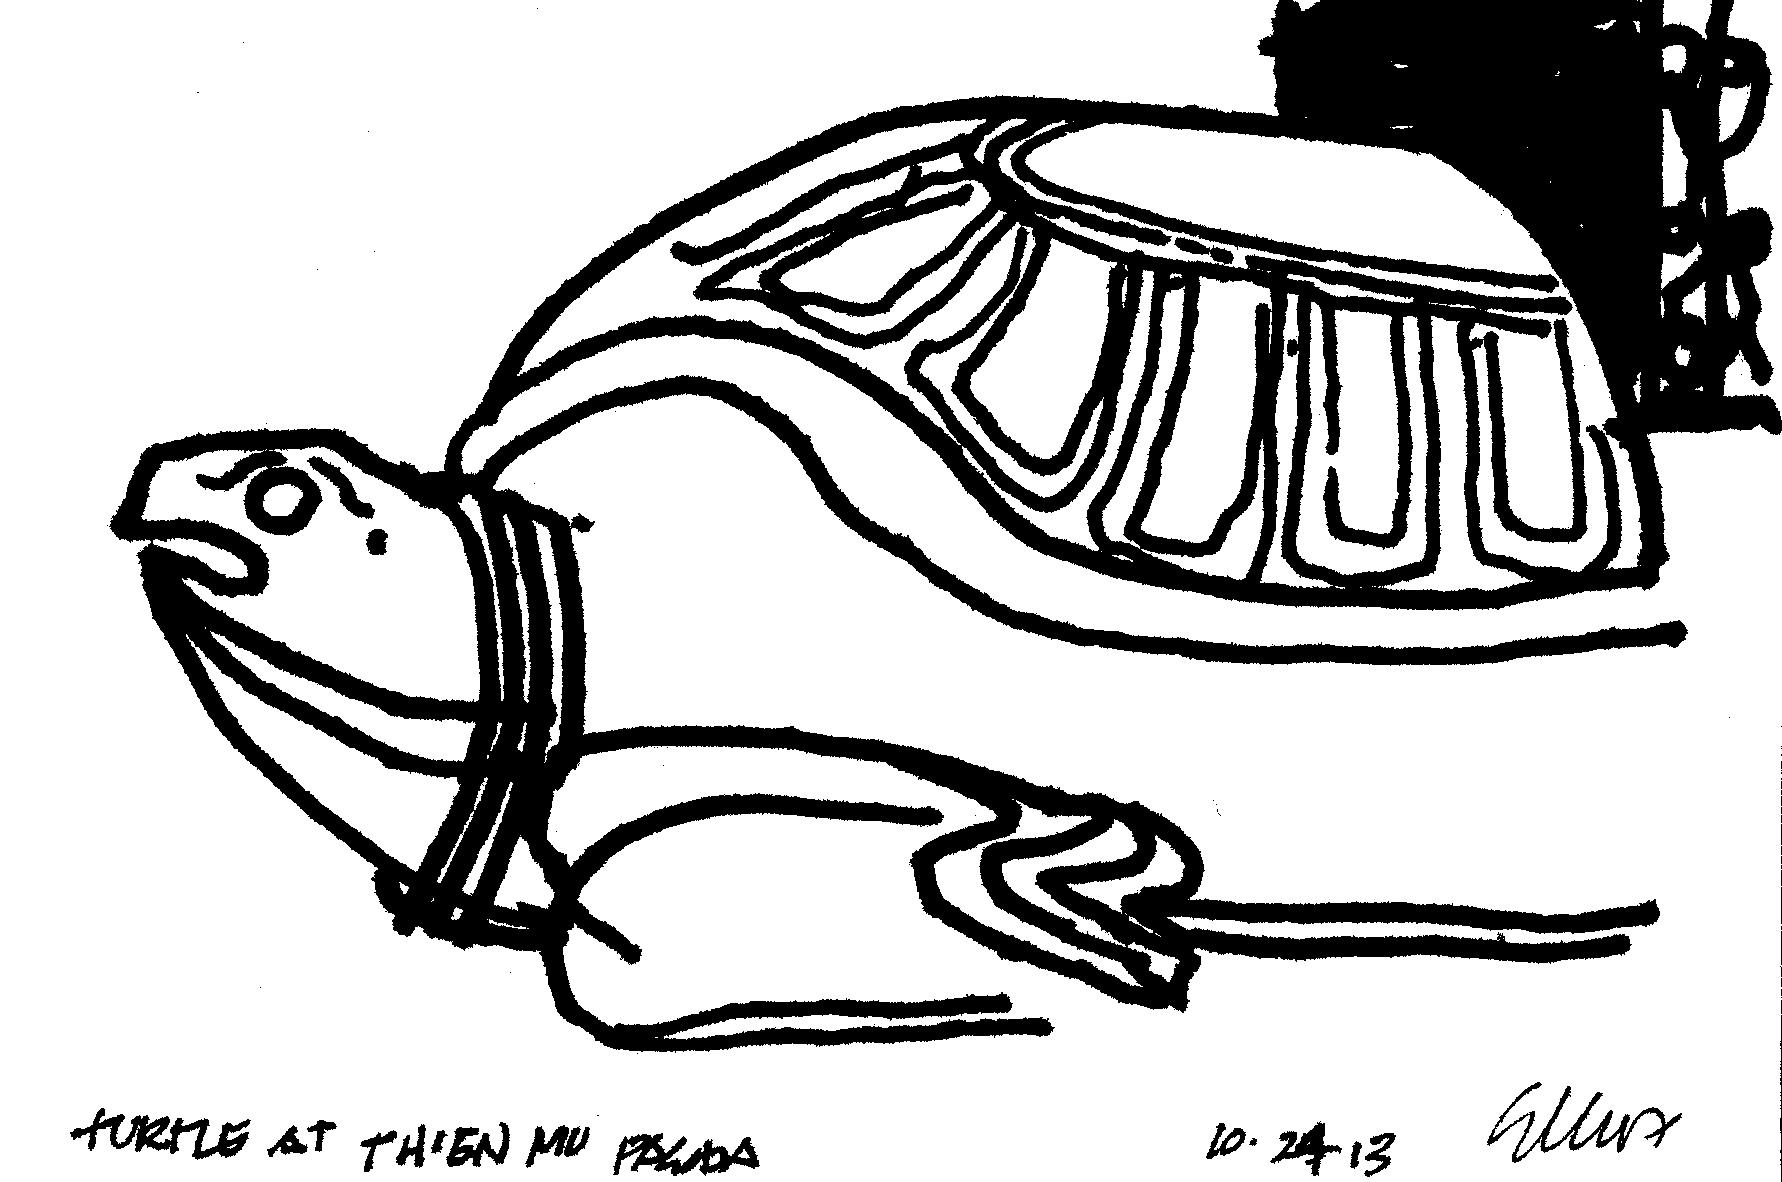 turtle at thein mu pawda 10.24.13